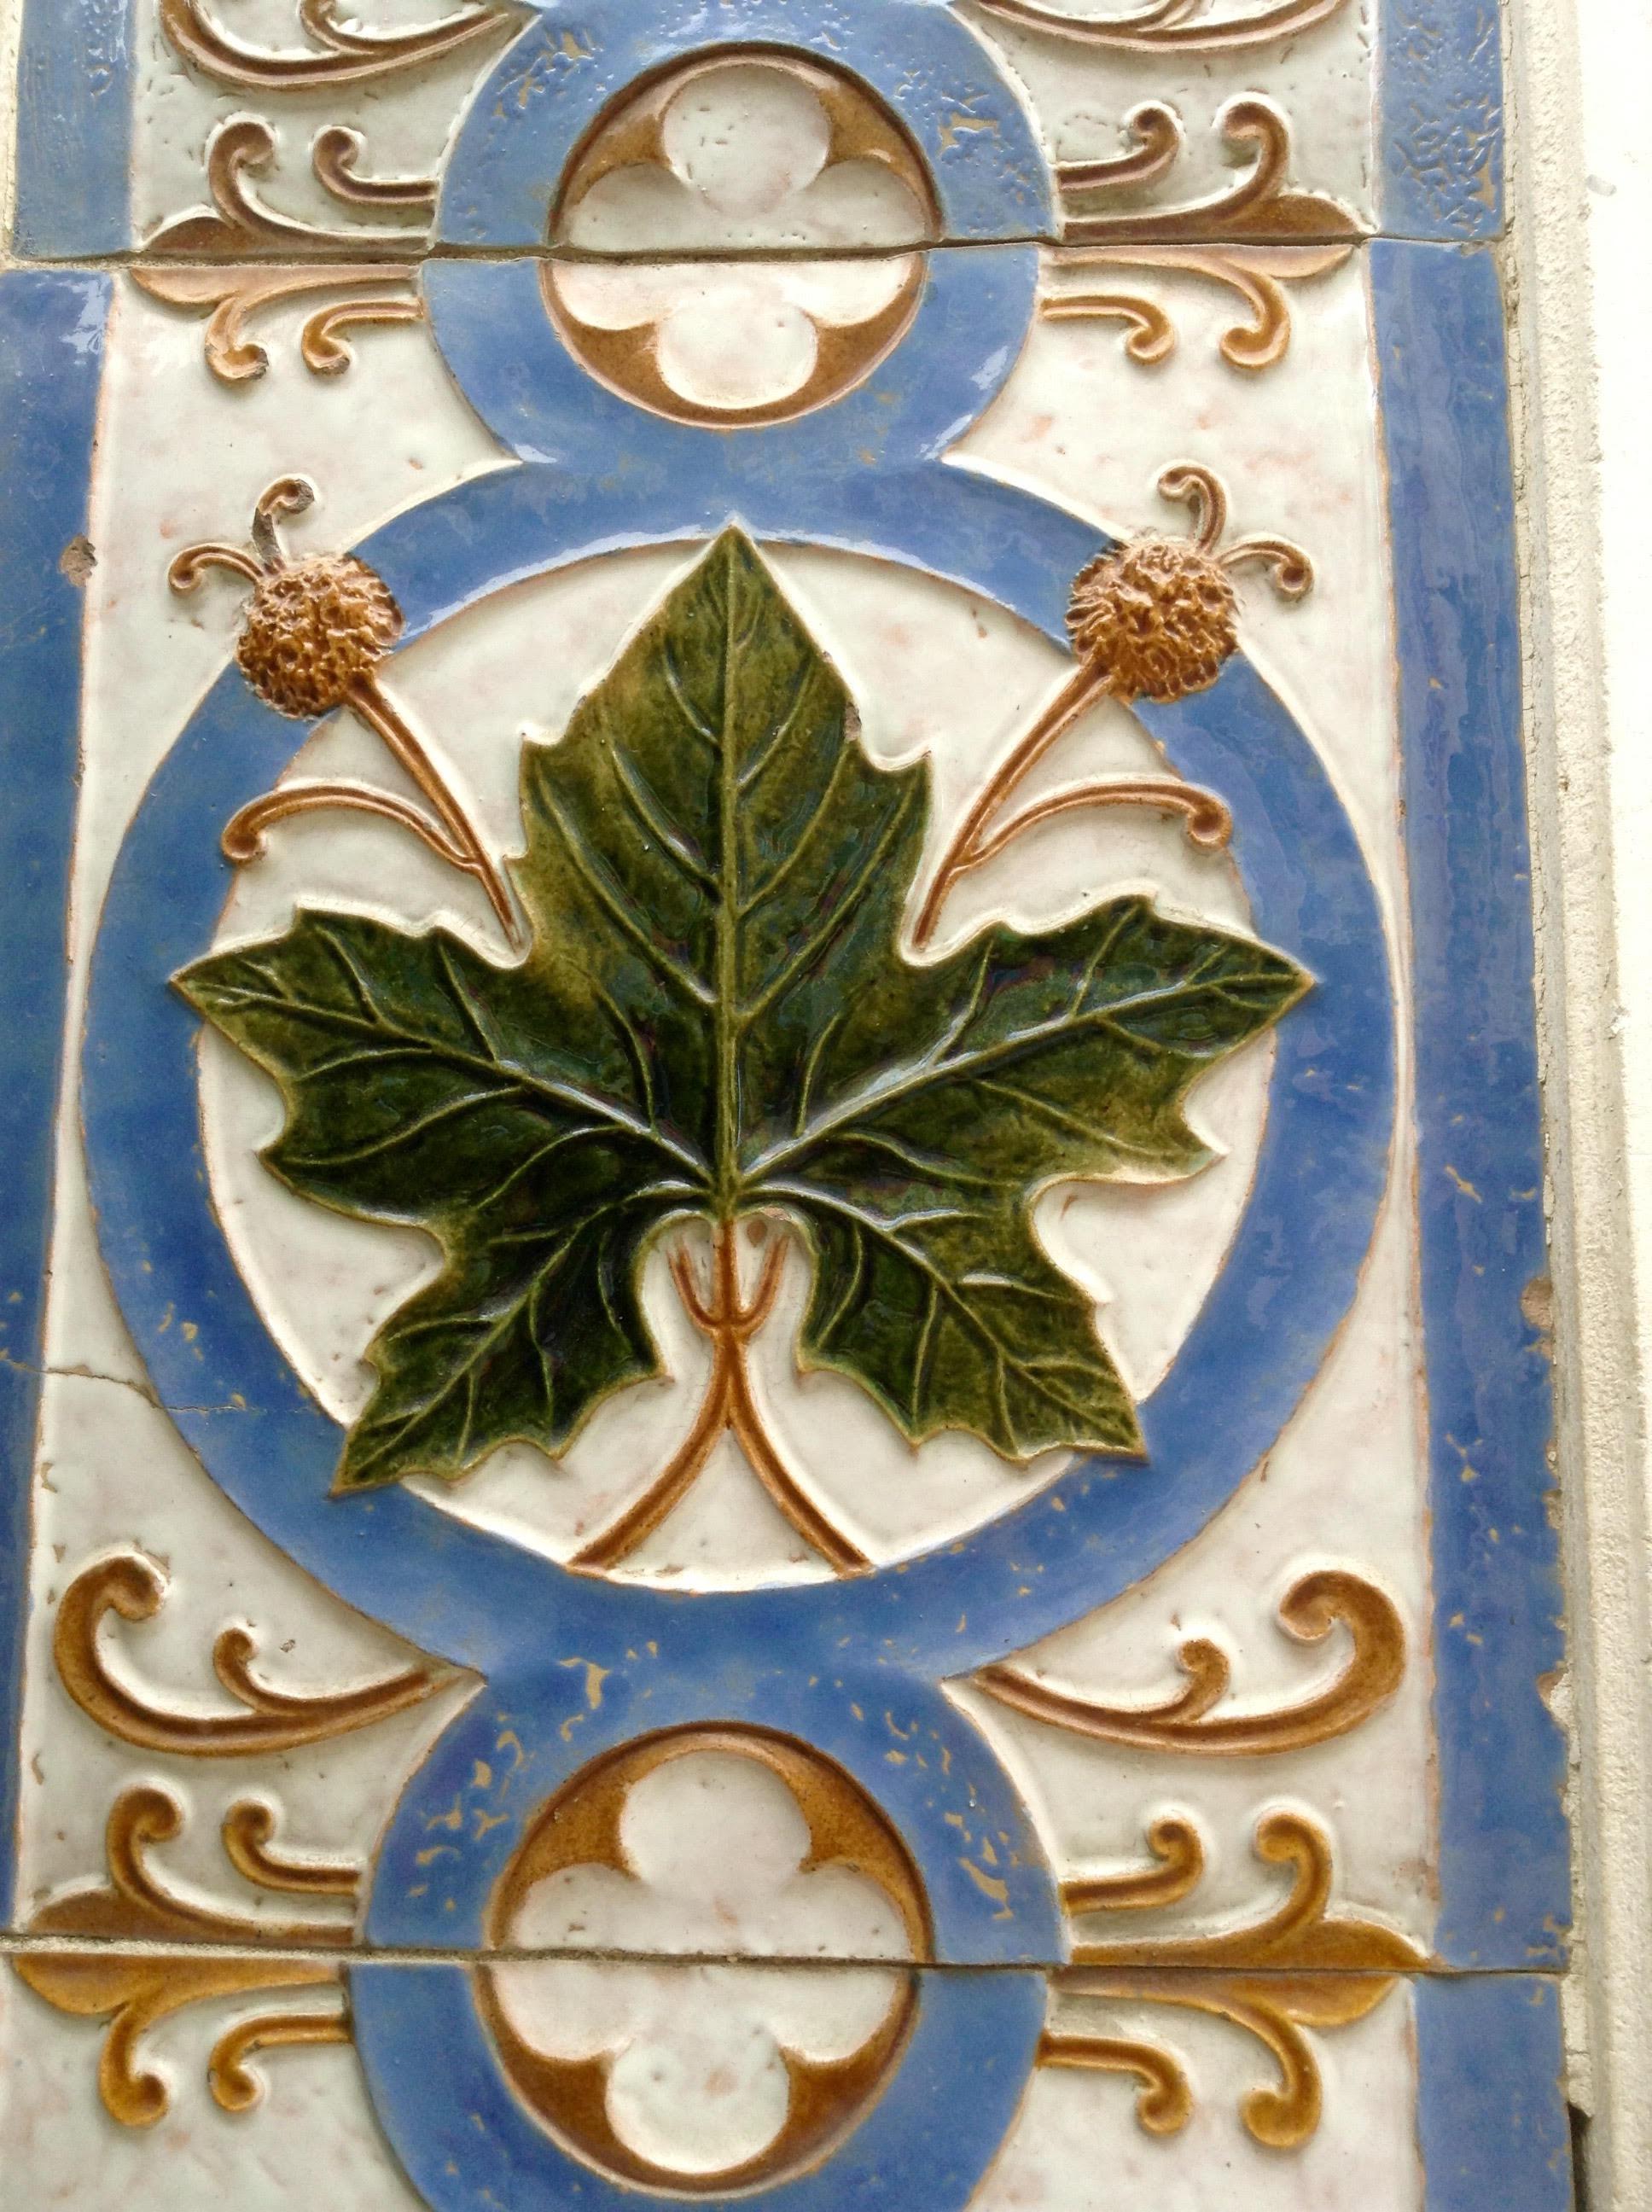 Detalle del mosaico con motivos vegetales, R. Bordallo Pinheiro